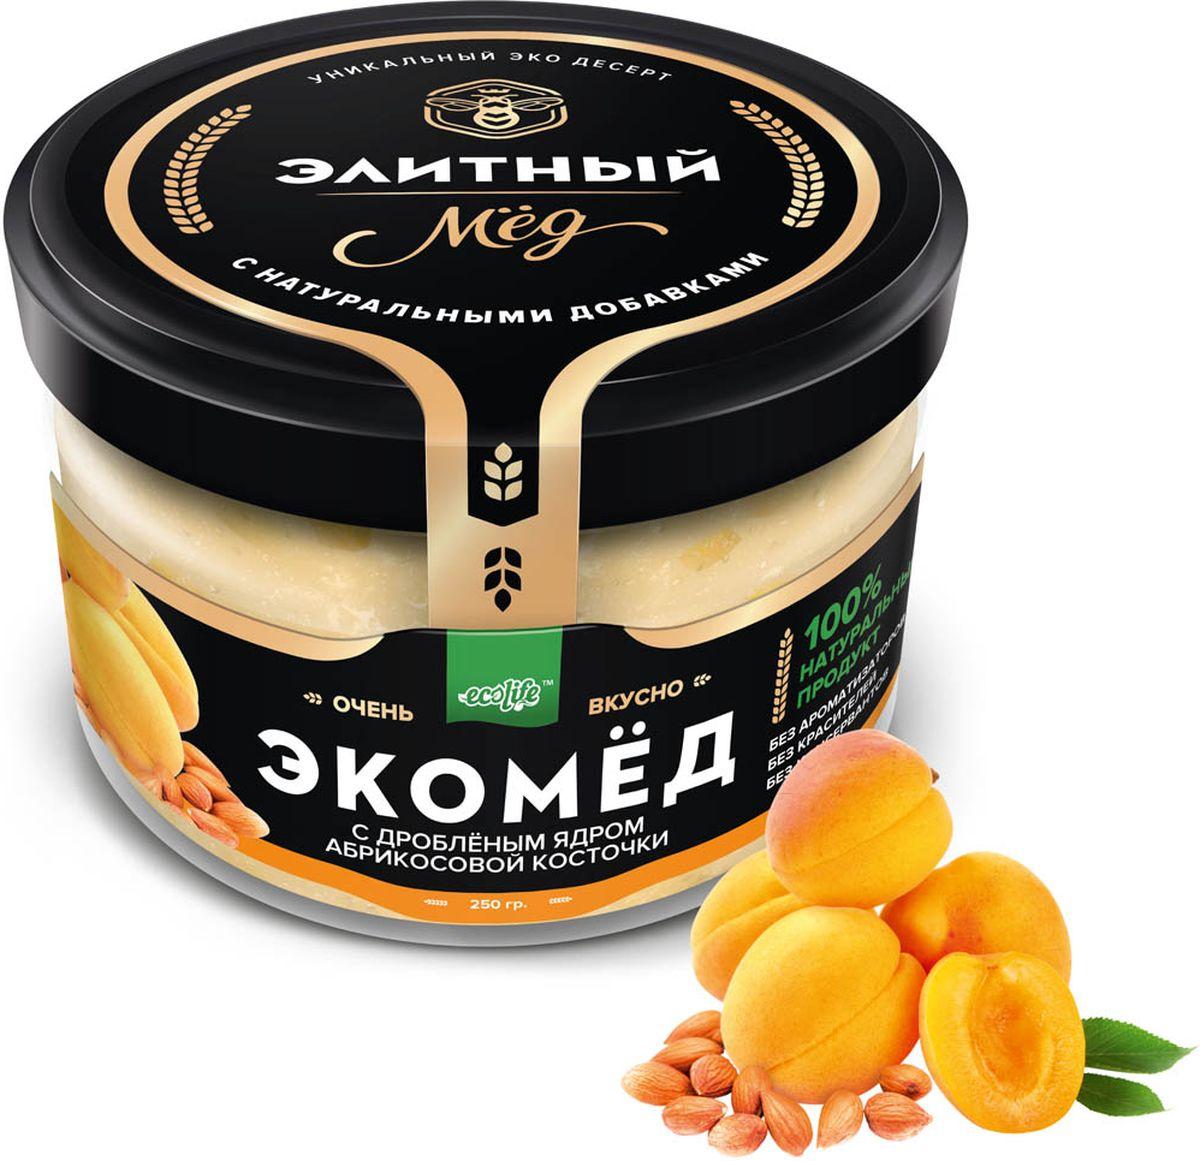 Ecolife Экомед с ядрами абрикосовой косточки, 250 г4665298961806100% натуральный экопродукт, имеющий в составе только натуральные ингредиенты. При изготовлении не используется дешевый подсолнечный мёд. Мед не нагревается, сохраняются все его полезные свойства. Экомёд не имеет эффекта расслаивания.Целебные сорта мёда. Статья OZON Гид